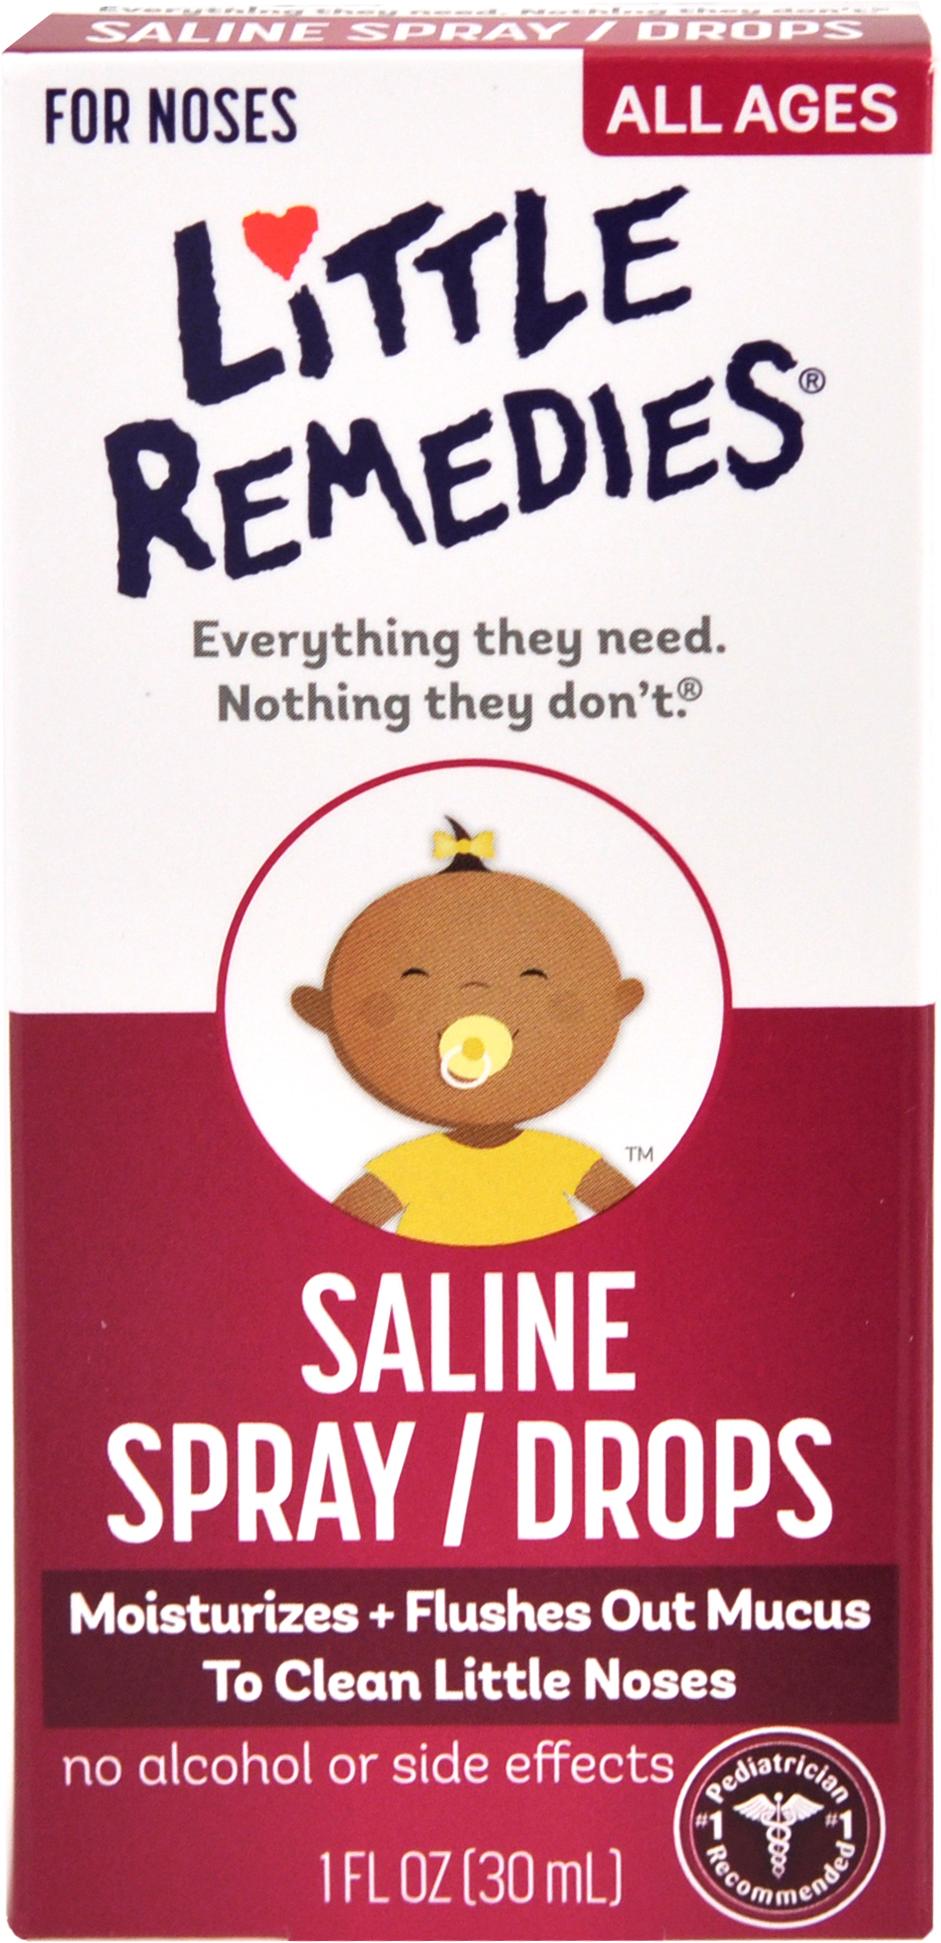 Little-Remedies_saline-1oz